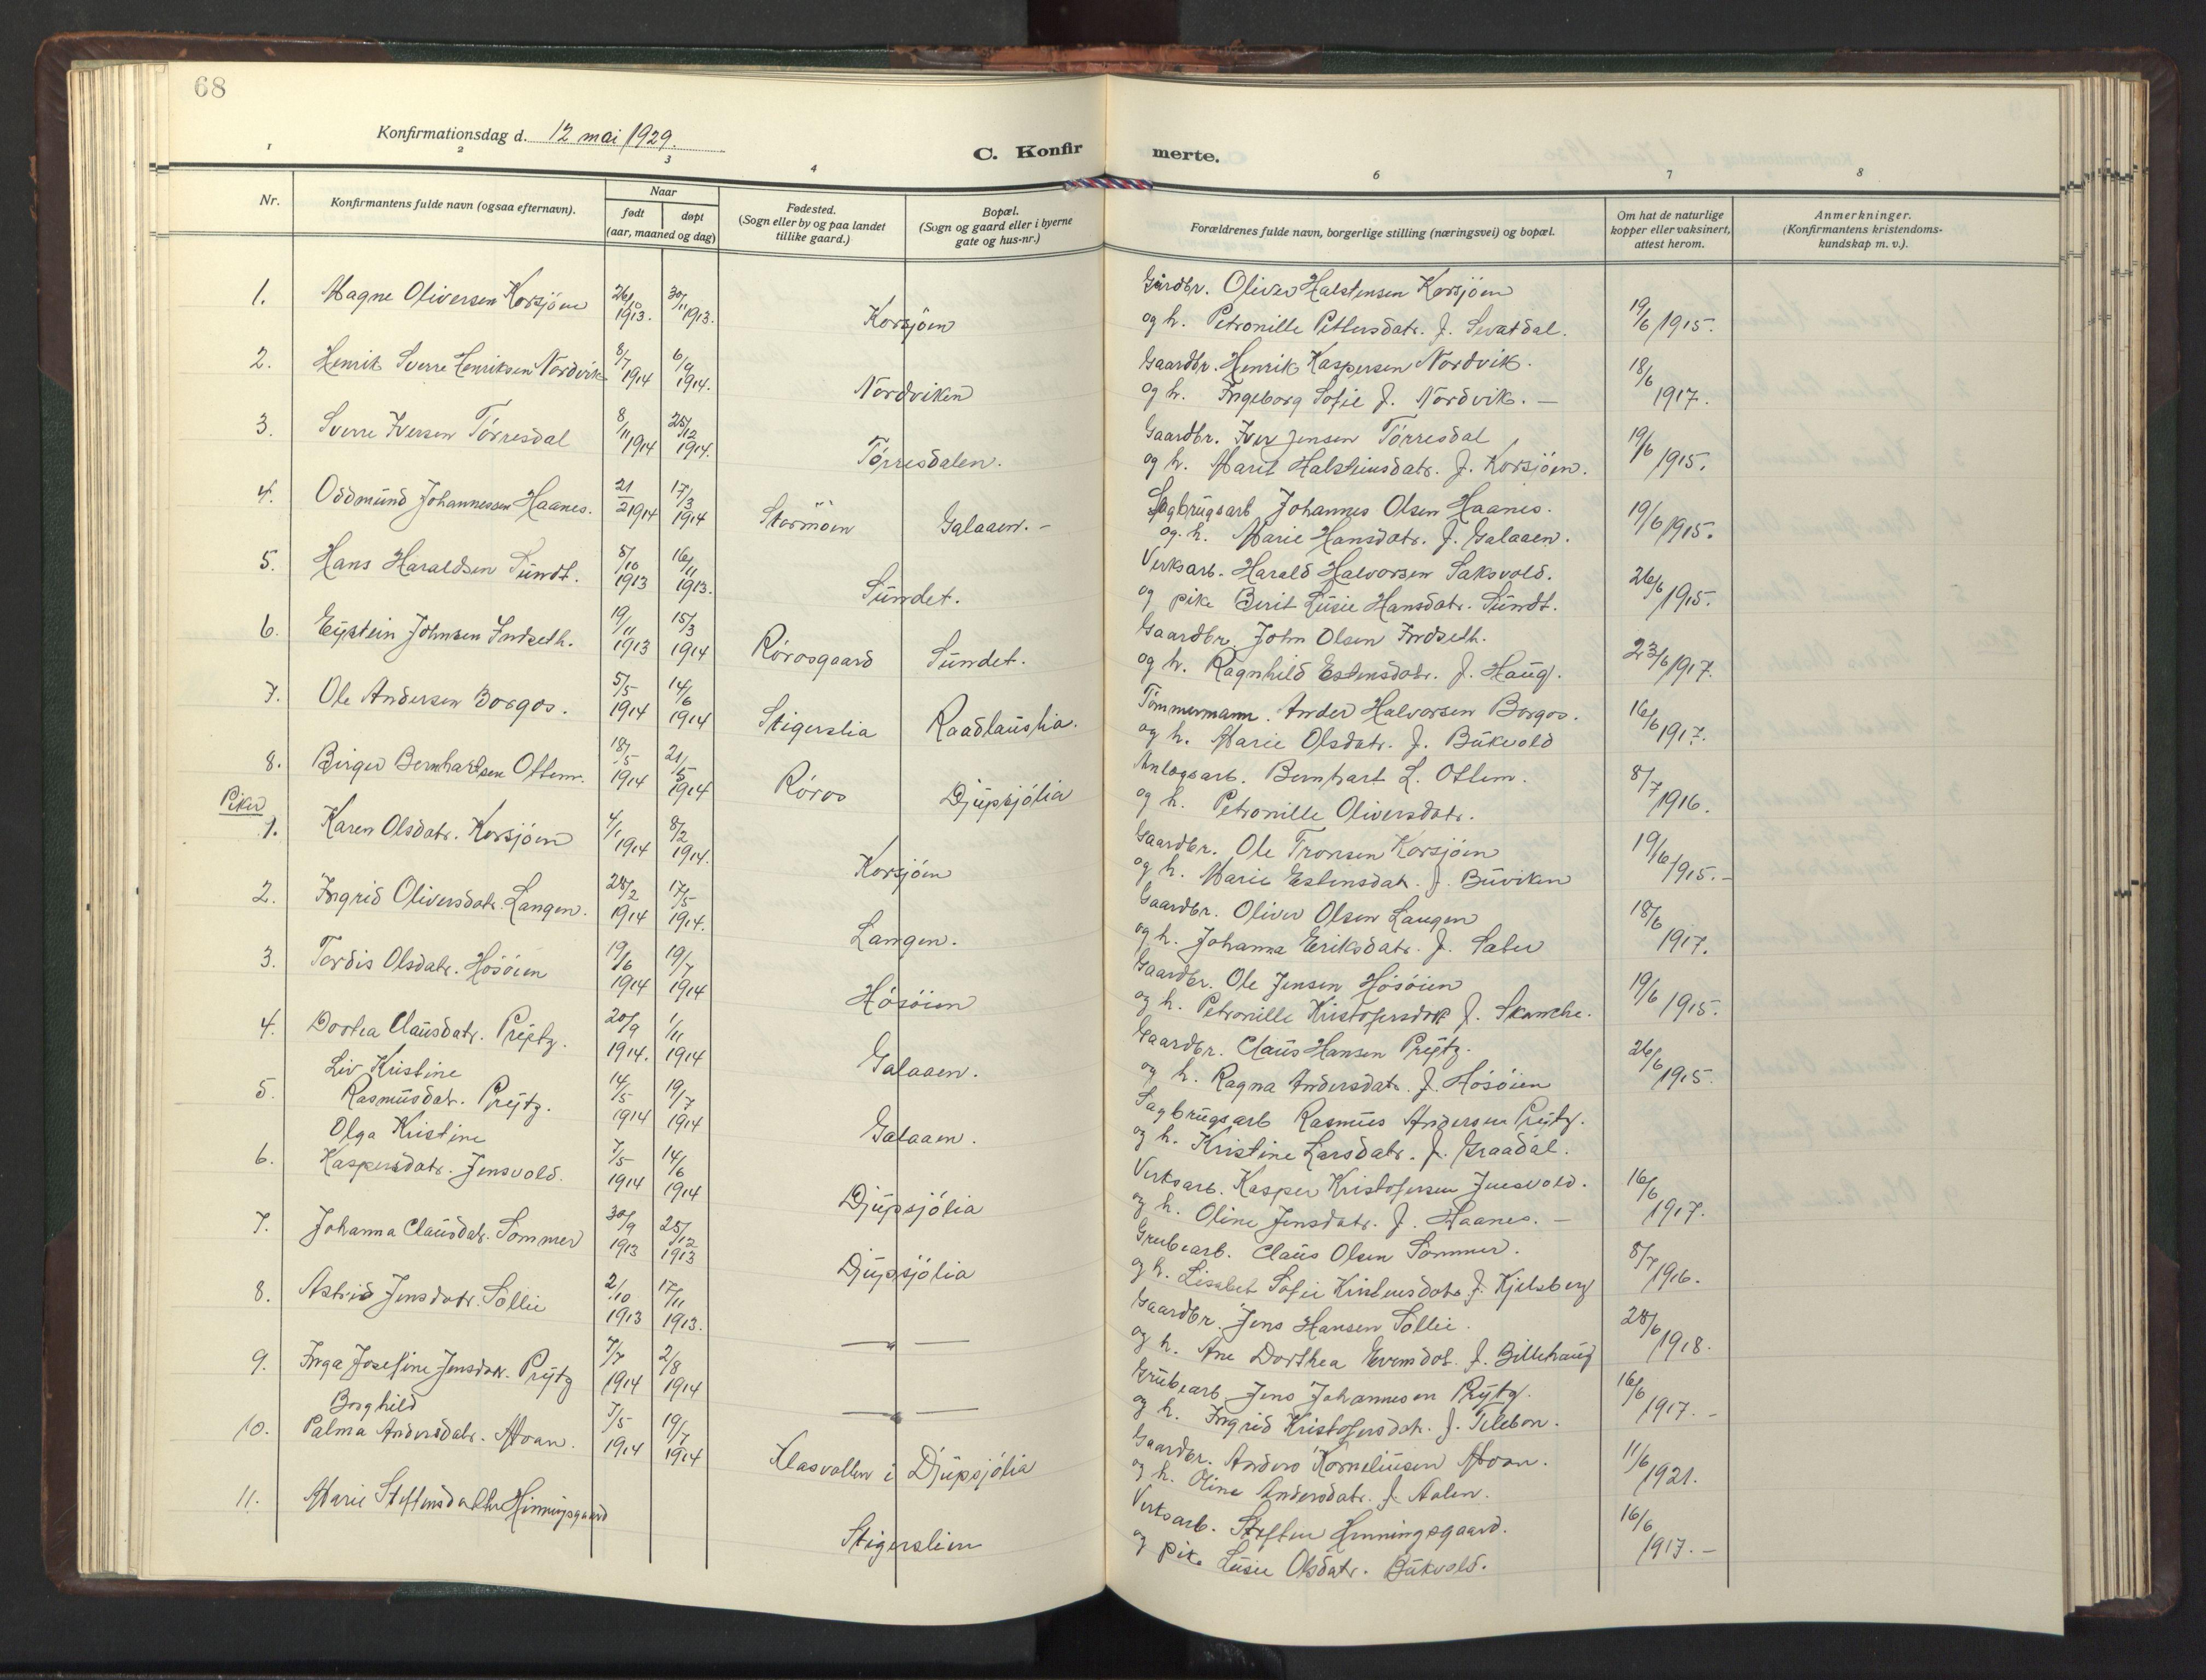 SAT, Ministerialprotokoller, klokkerbøker og fødselsregistre - Sør-Trøndelag, 681/L0944: Klokkerbok nr. 681C08, 1926-1954, s. 68